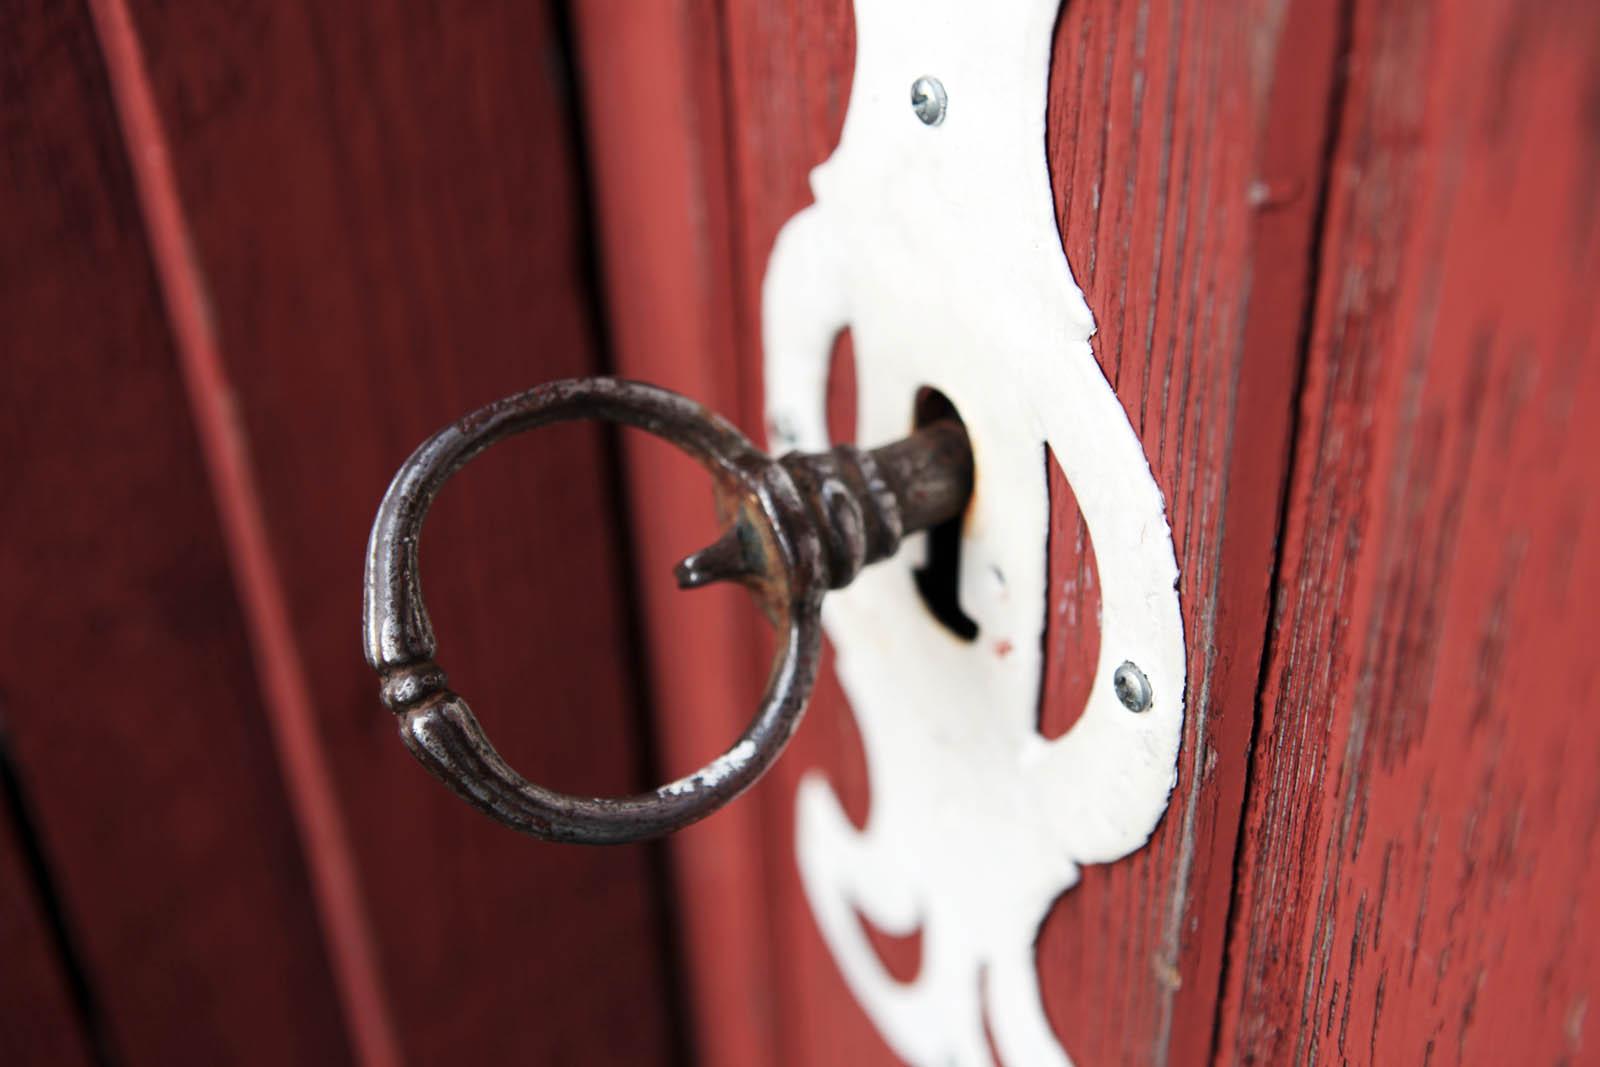 Nøkkel i dør